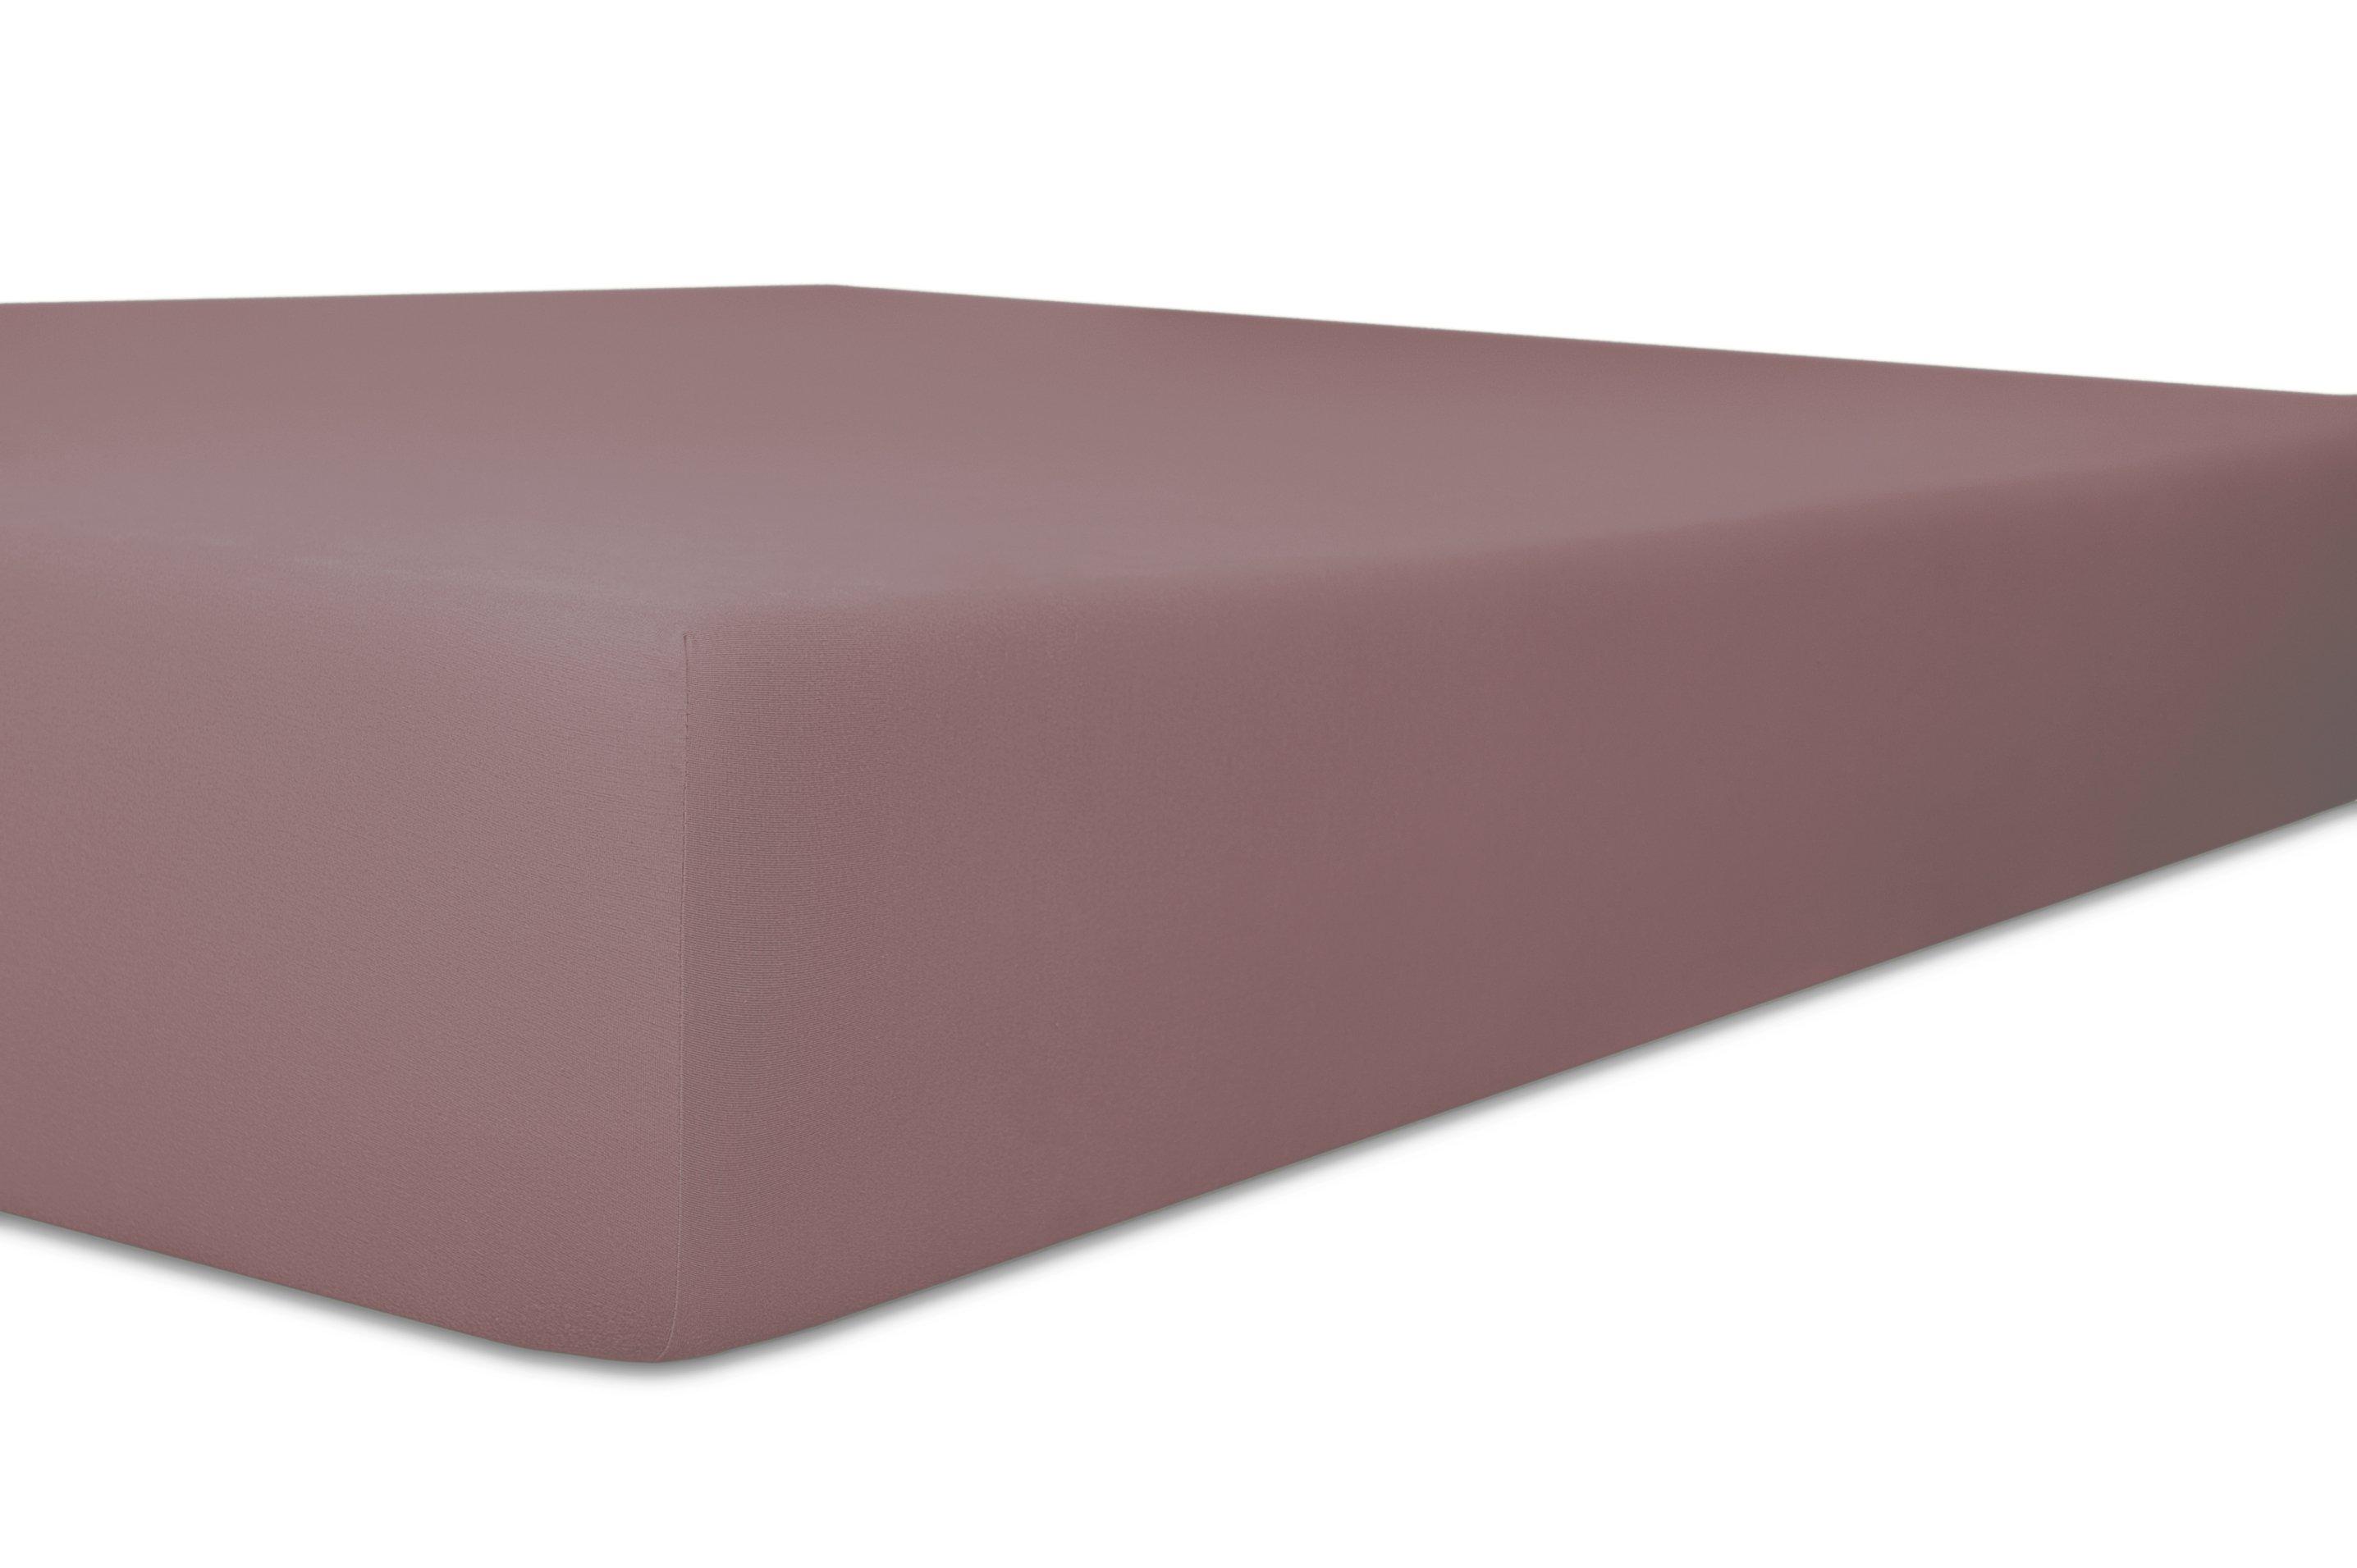 Spannbetttuch flieder,180x200cm